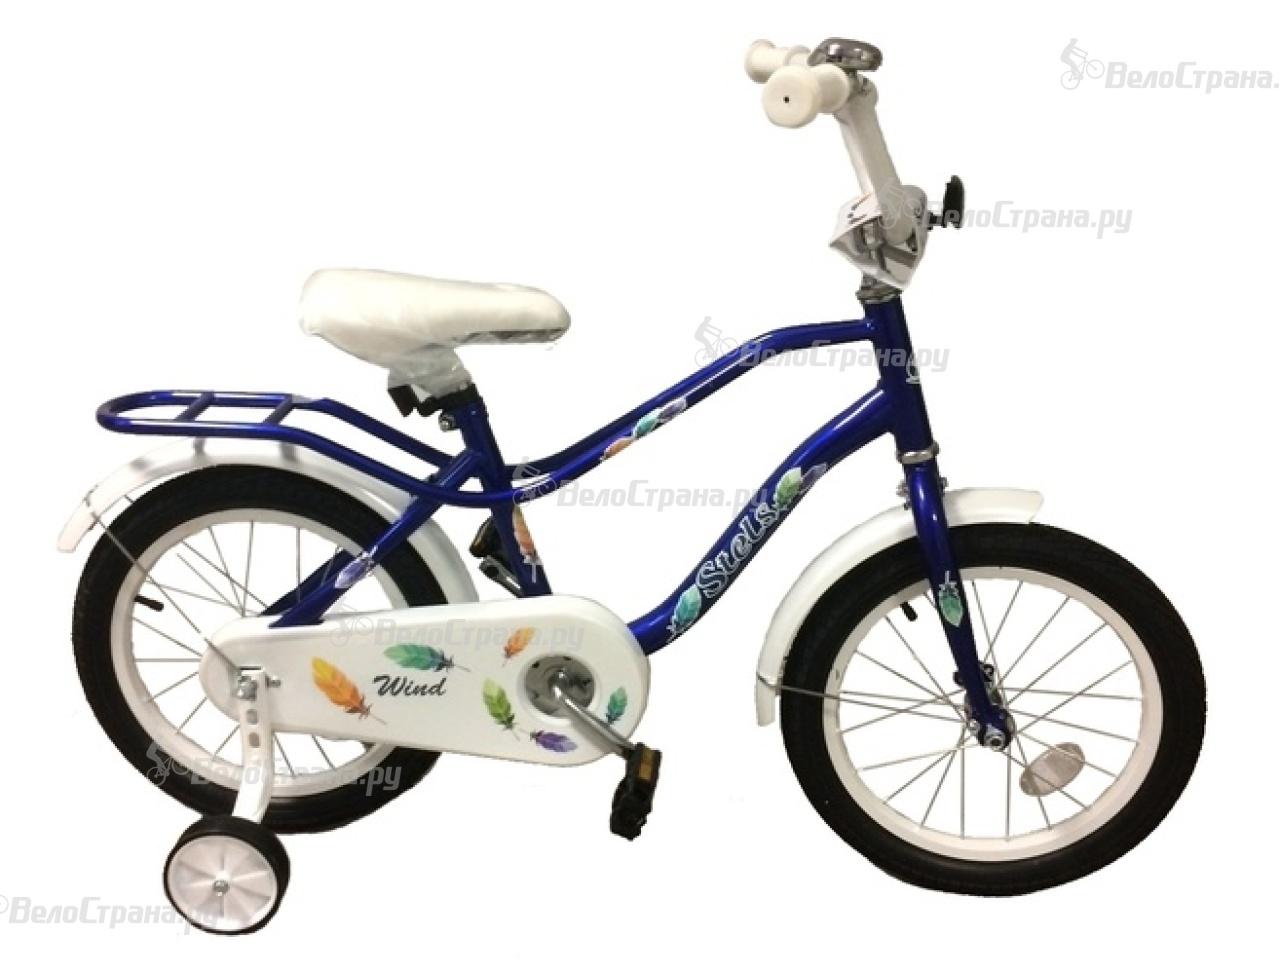 Велосипед Stels Wind 14 (2016) цена